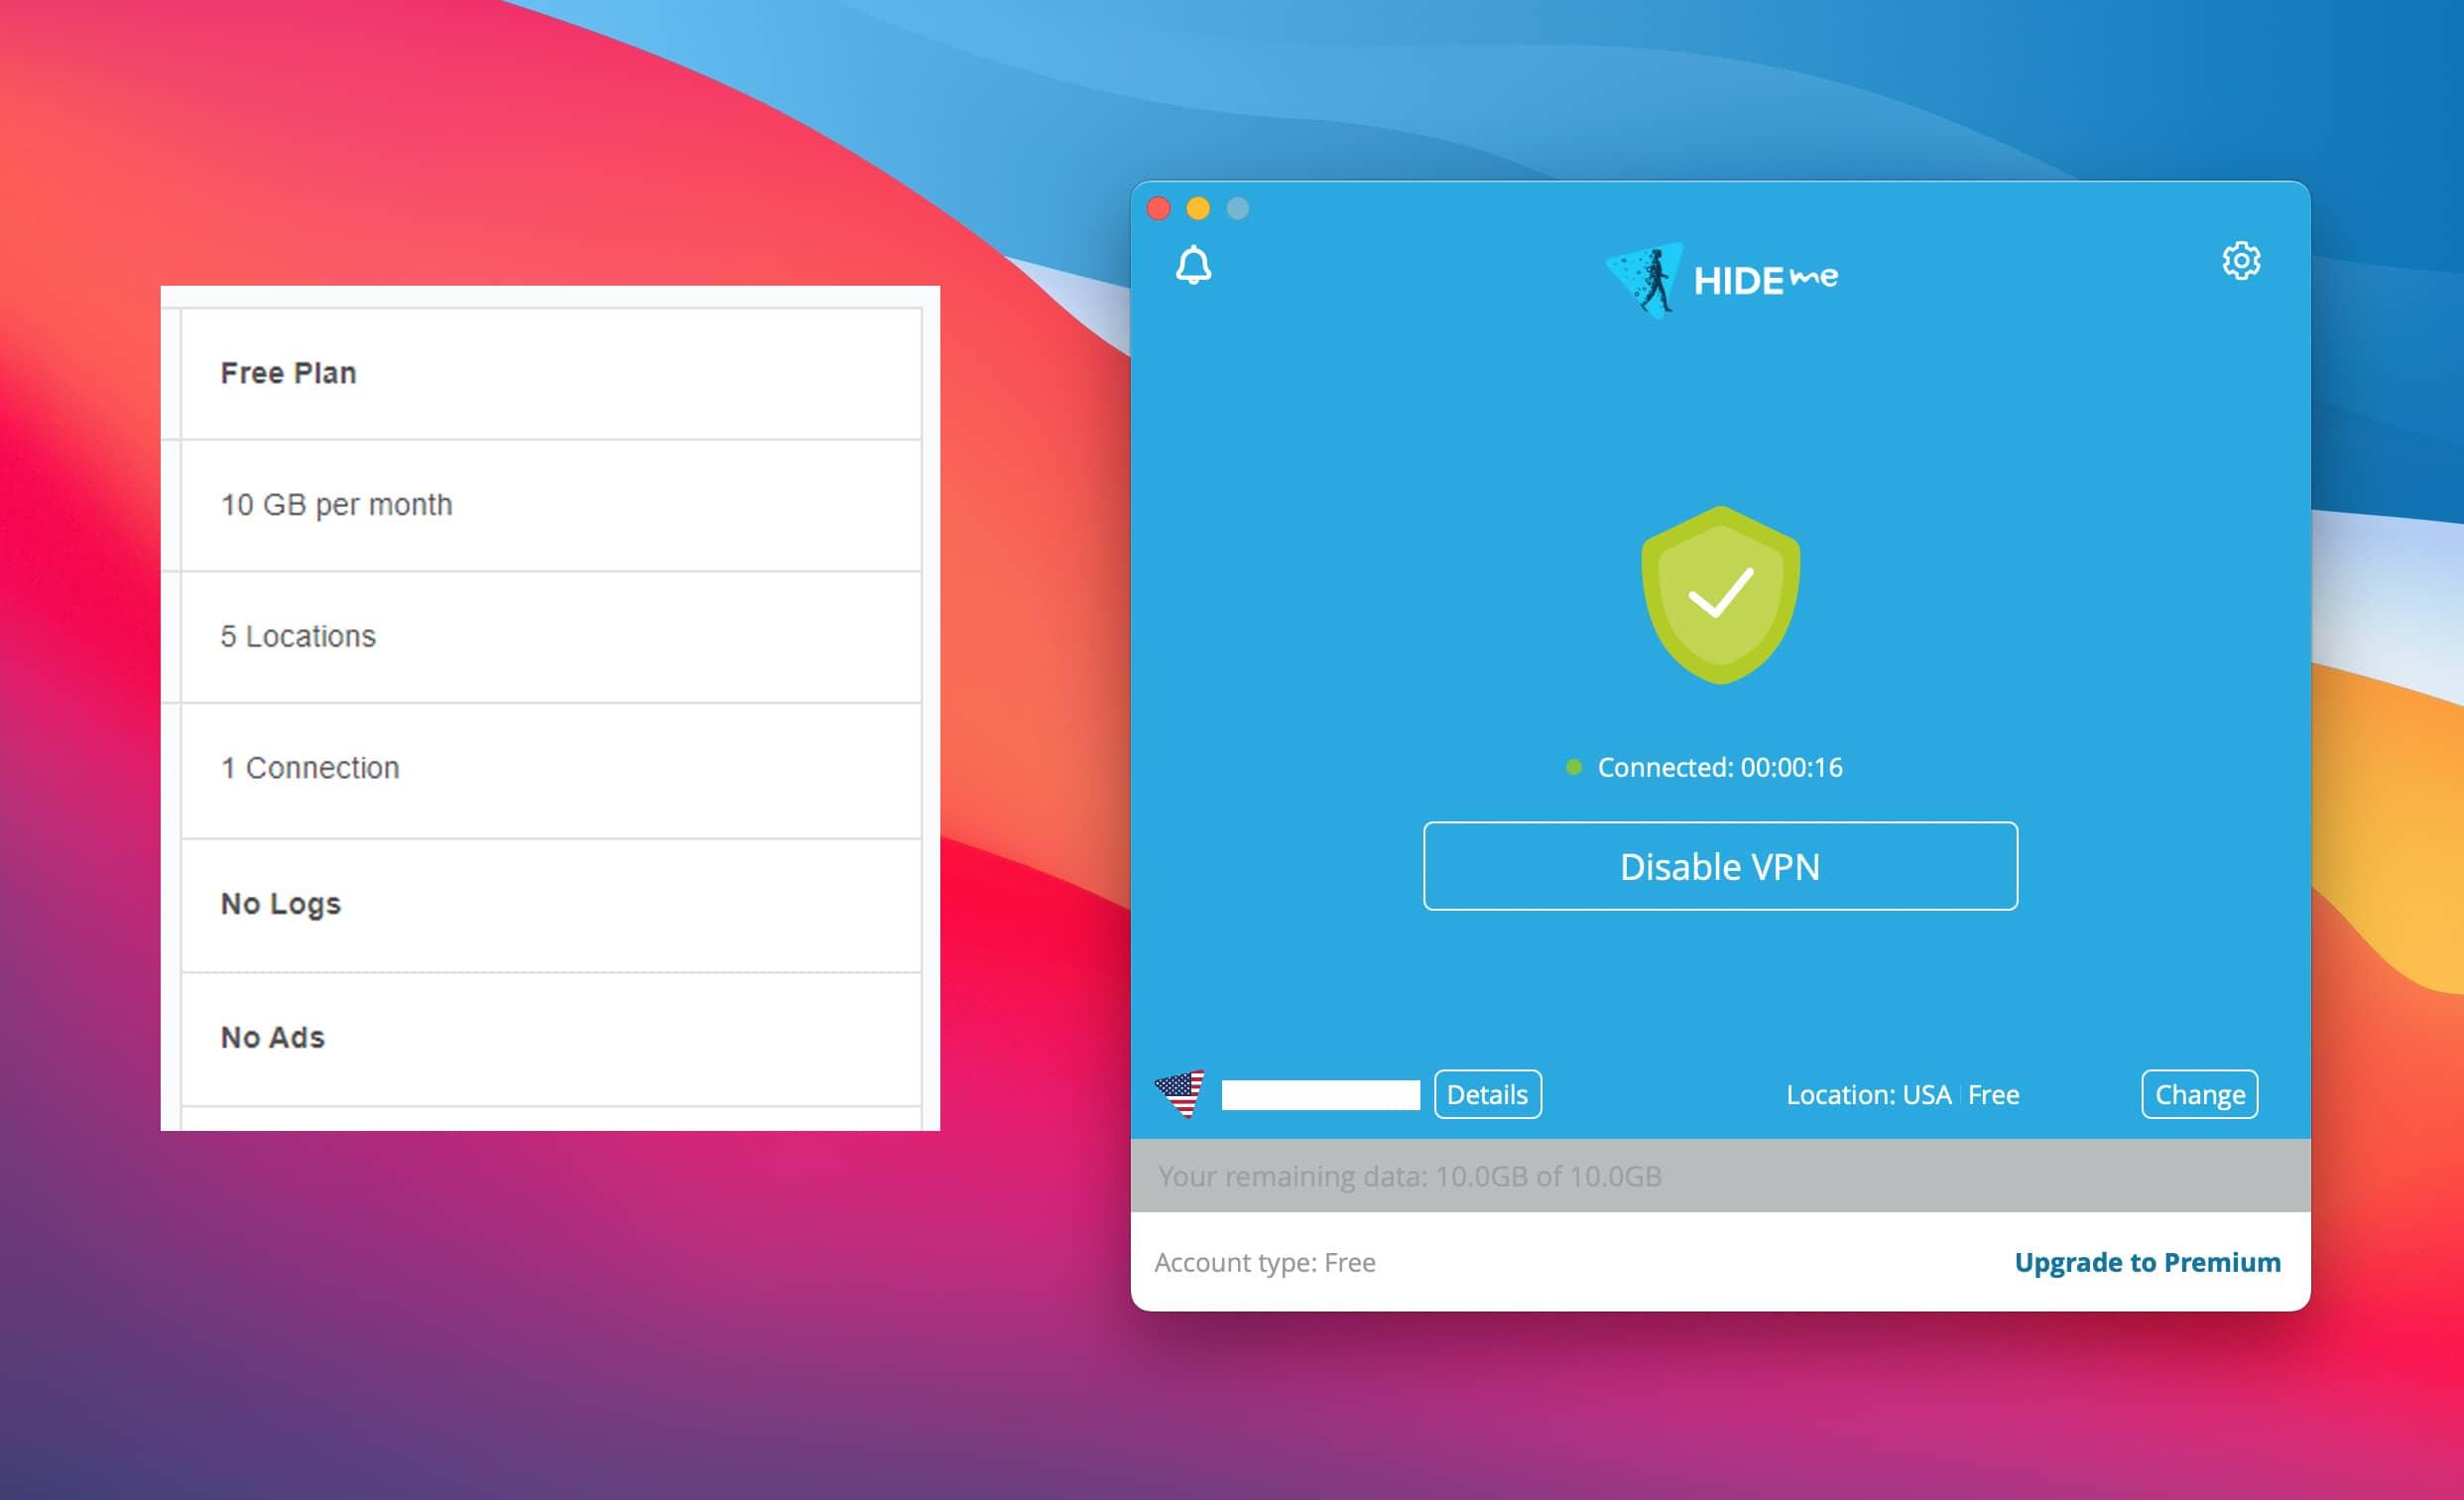 12 phần mềm VPN miễn phí cho Mac bảo đảm riêng tư cho bạn 13